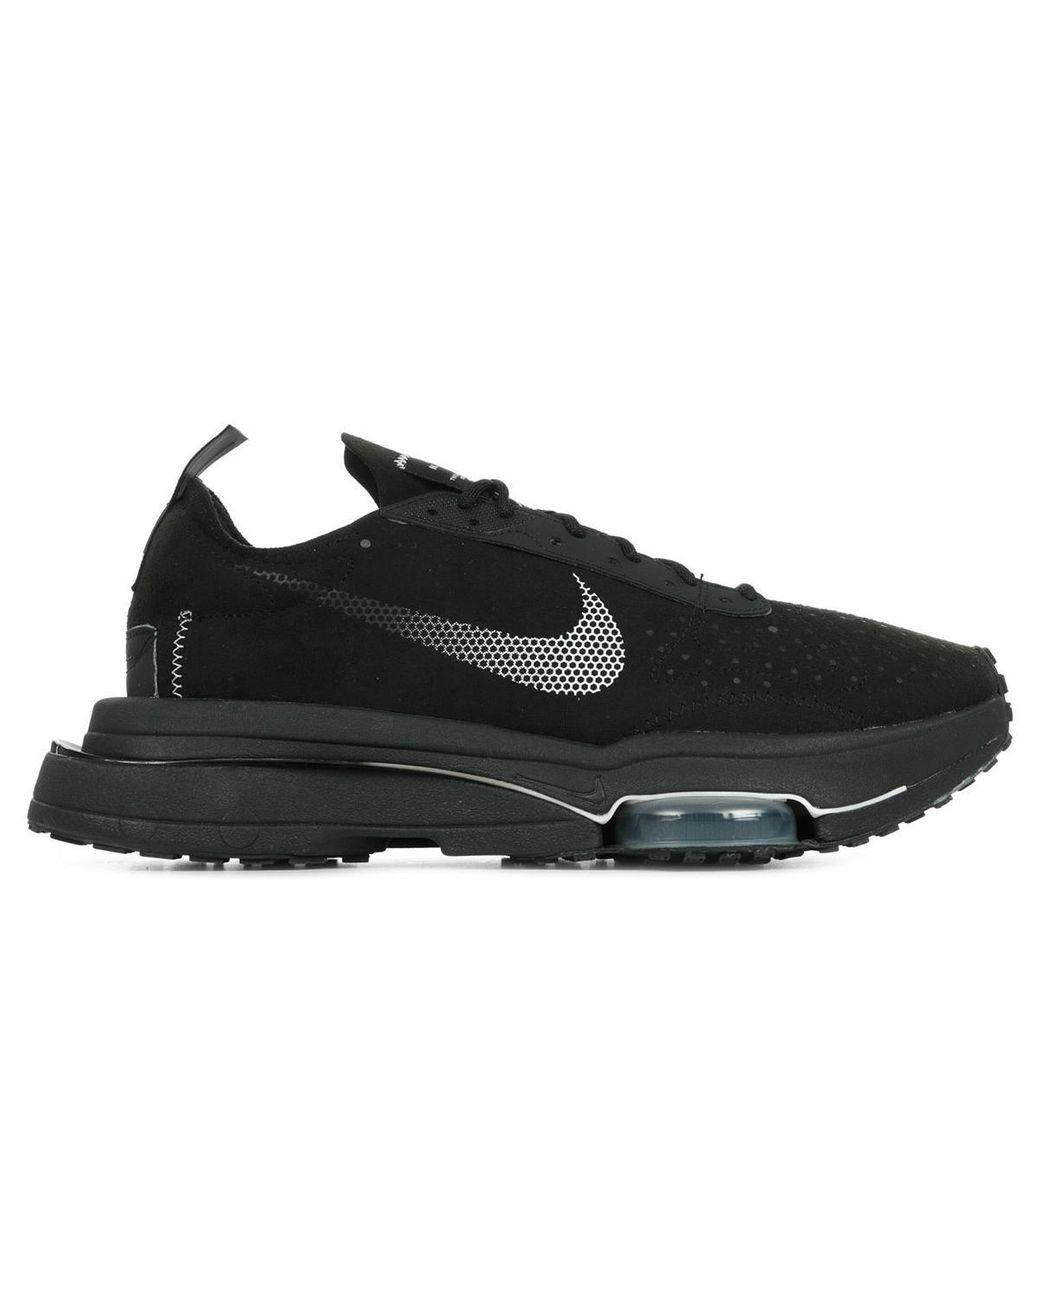 Air Zoom Type Chaussures Nike pour homme en coloris Noir - Lyst